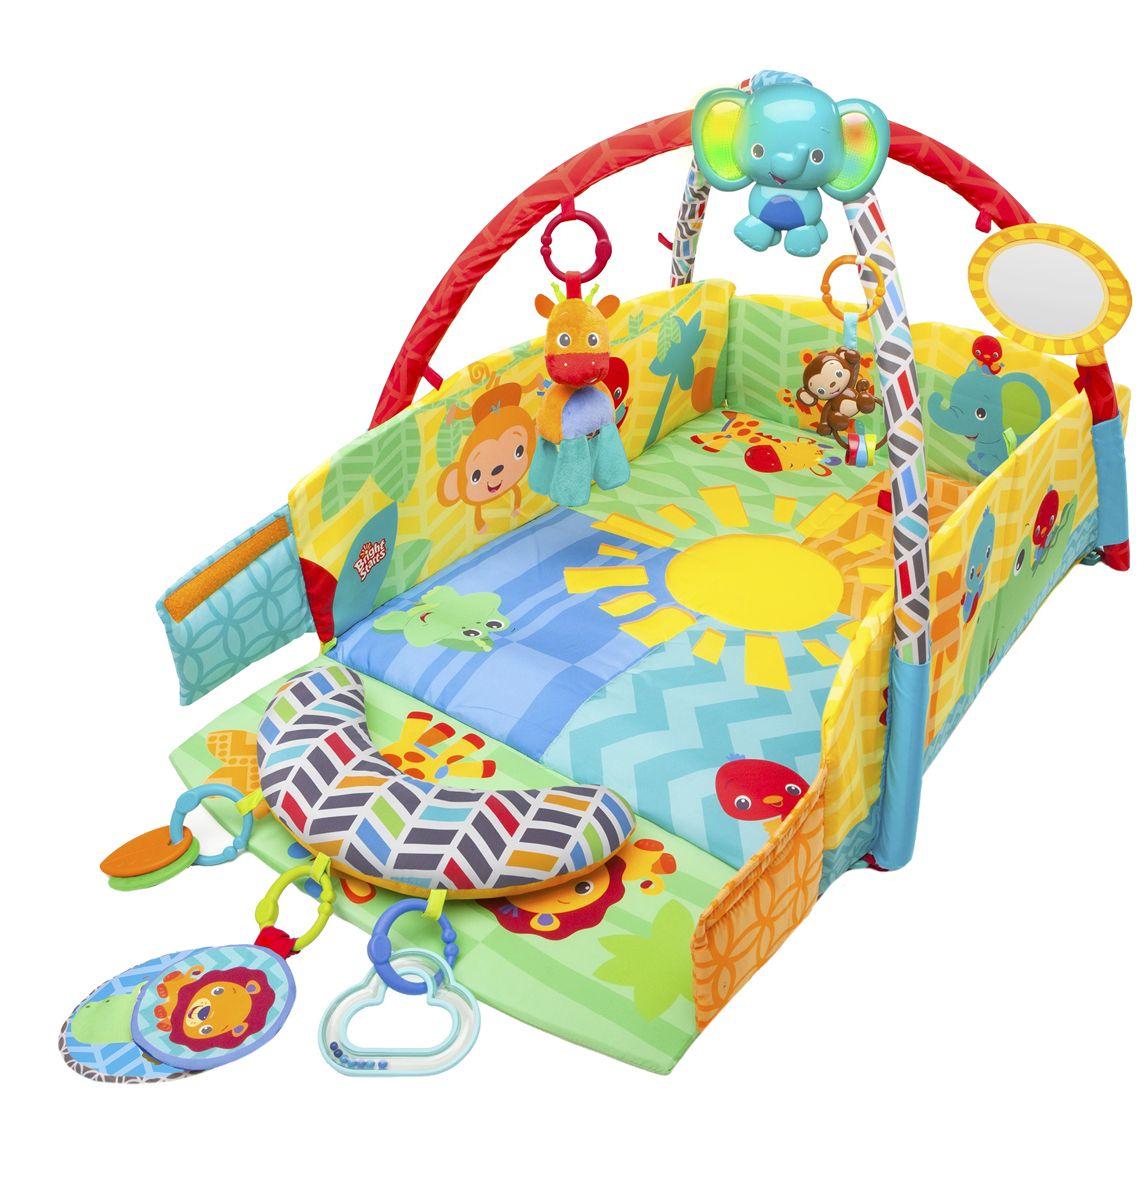 Bright Starts Развивающий коврик Солнечное сафари52157Яркий развивающий коврик Bright Starts Солнечное сафари подойдет для деток от рождения. Коврик будет развивать зрение, слух, мелкую моторику и воображения малыша. Коврик имеет защитные бортики, которые можно трансформировать под потребности малыша, опуская один из бортов или все сразу. В комплект входят игрушки: листики-прорезыватели, обезьянка-погремушка, безопасное зеркальце, плюшевый жираф-погремушка, шелестящие тканевые игрушки, погремушка-облако с шариками, интерактивный слоненок. Слоненок проигрывает мелодии и может играть на протяжении 20 минут. Также есть световые эффекты. Слоненок проявит активность, если кроха ее потрогает или вы можете включить ее самостоятельно. Слоника можно вешать на кроватку или коляску. Специальный мягкий валик можно использовать в качестве подушечки под животик, на него можно закрепить любимые игрушки. Все игрушки съемные, их можно менять местами или использовать вне коврика. Bright Starts - это торговая марка американской...